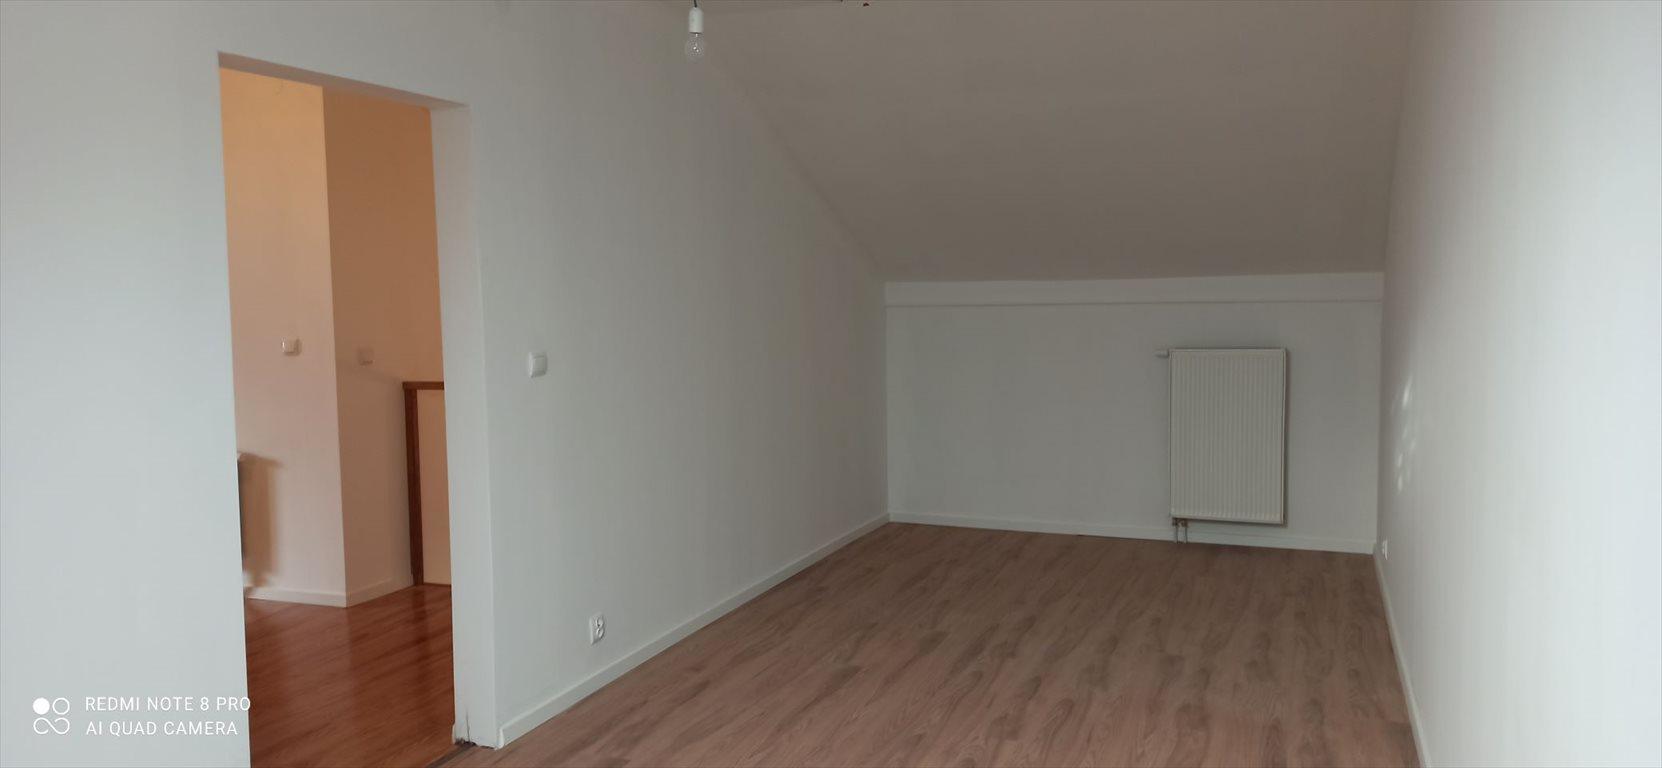 Dom na sprzedaż Ożarów Mazowiecki, Wolskie, Wolskie  145m2 Foto 9